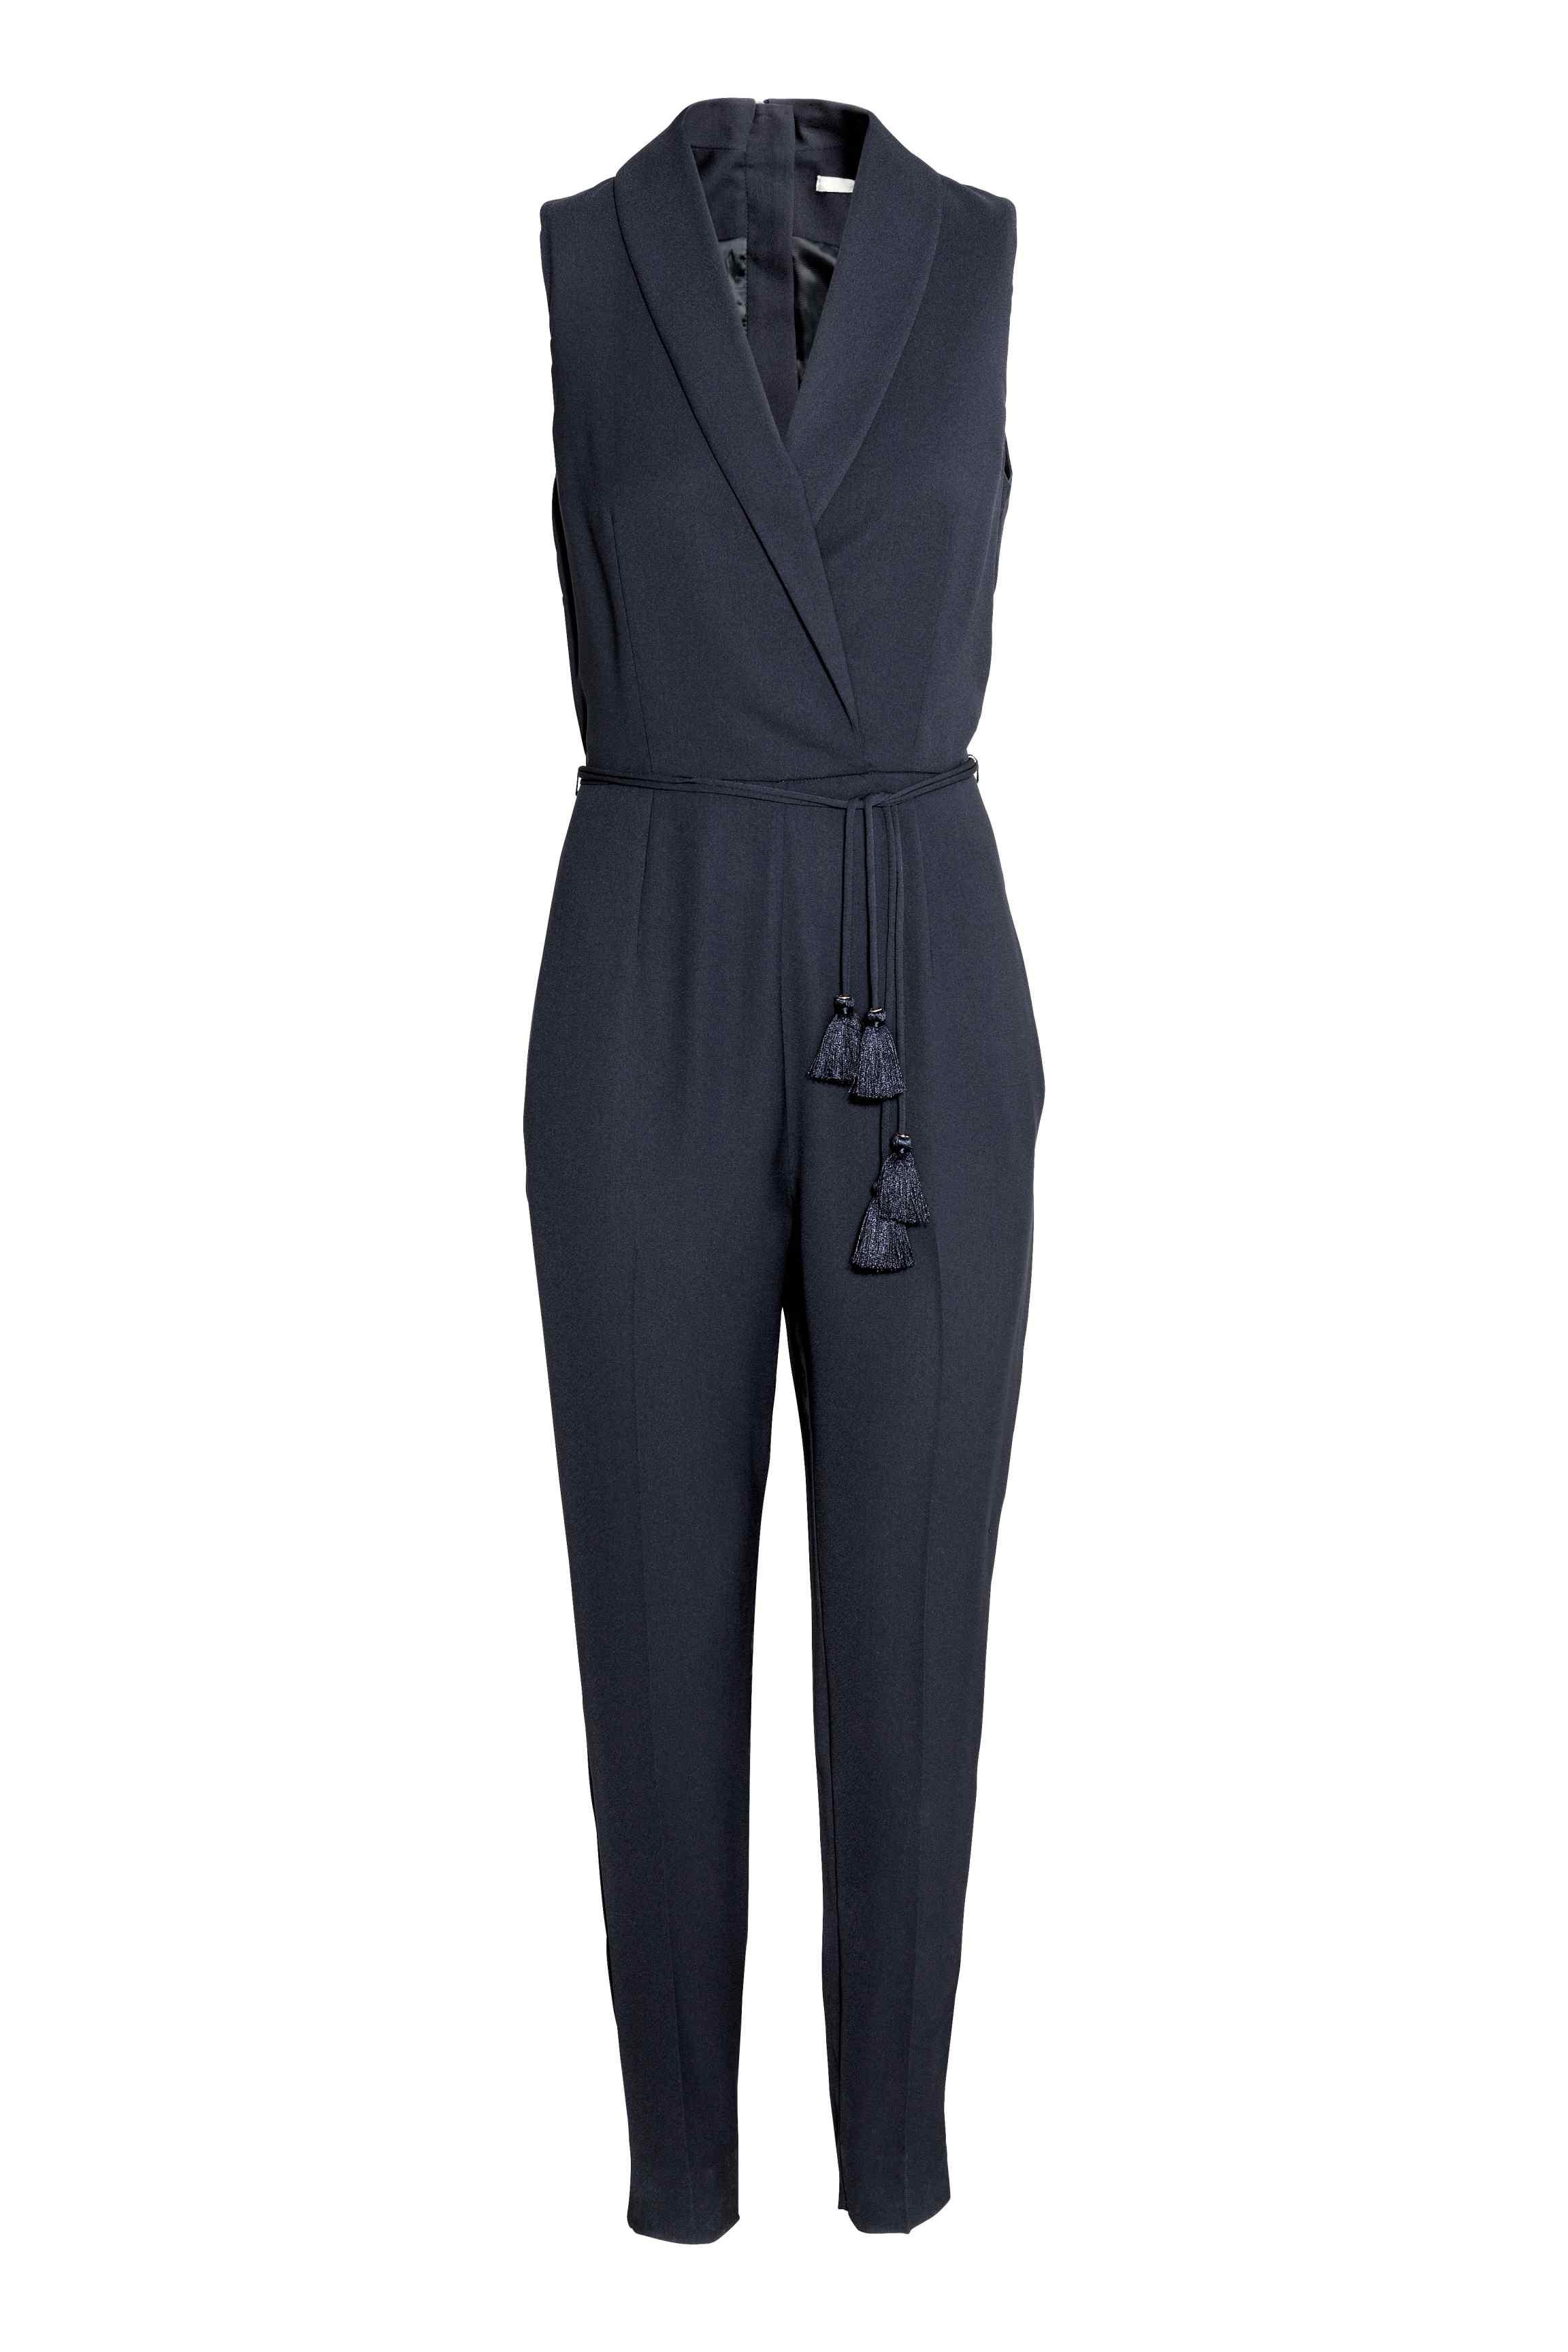 Combinaison pantalon pompons h m chic et f minine en combi pantalon elle - Combi pantalon chic ...